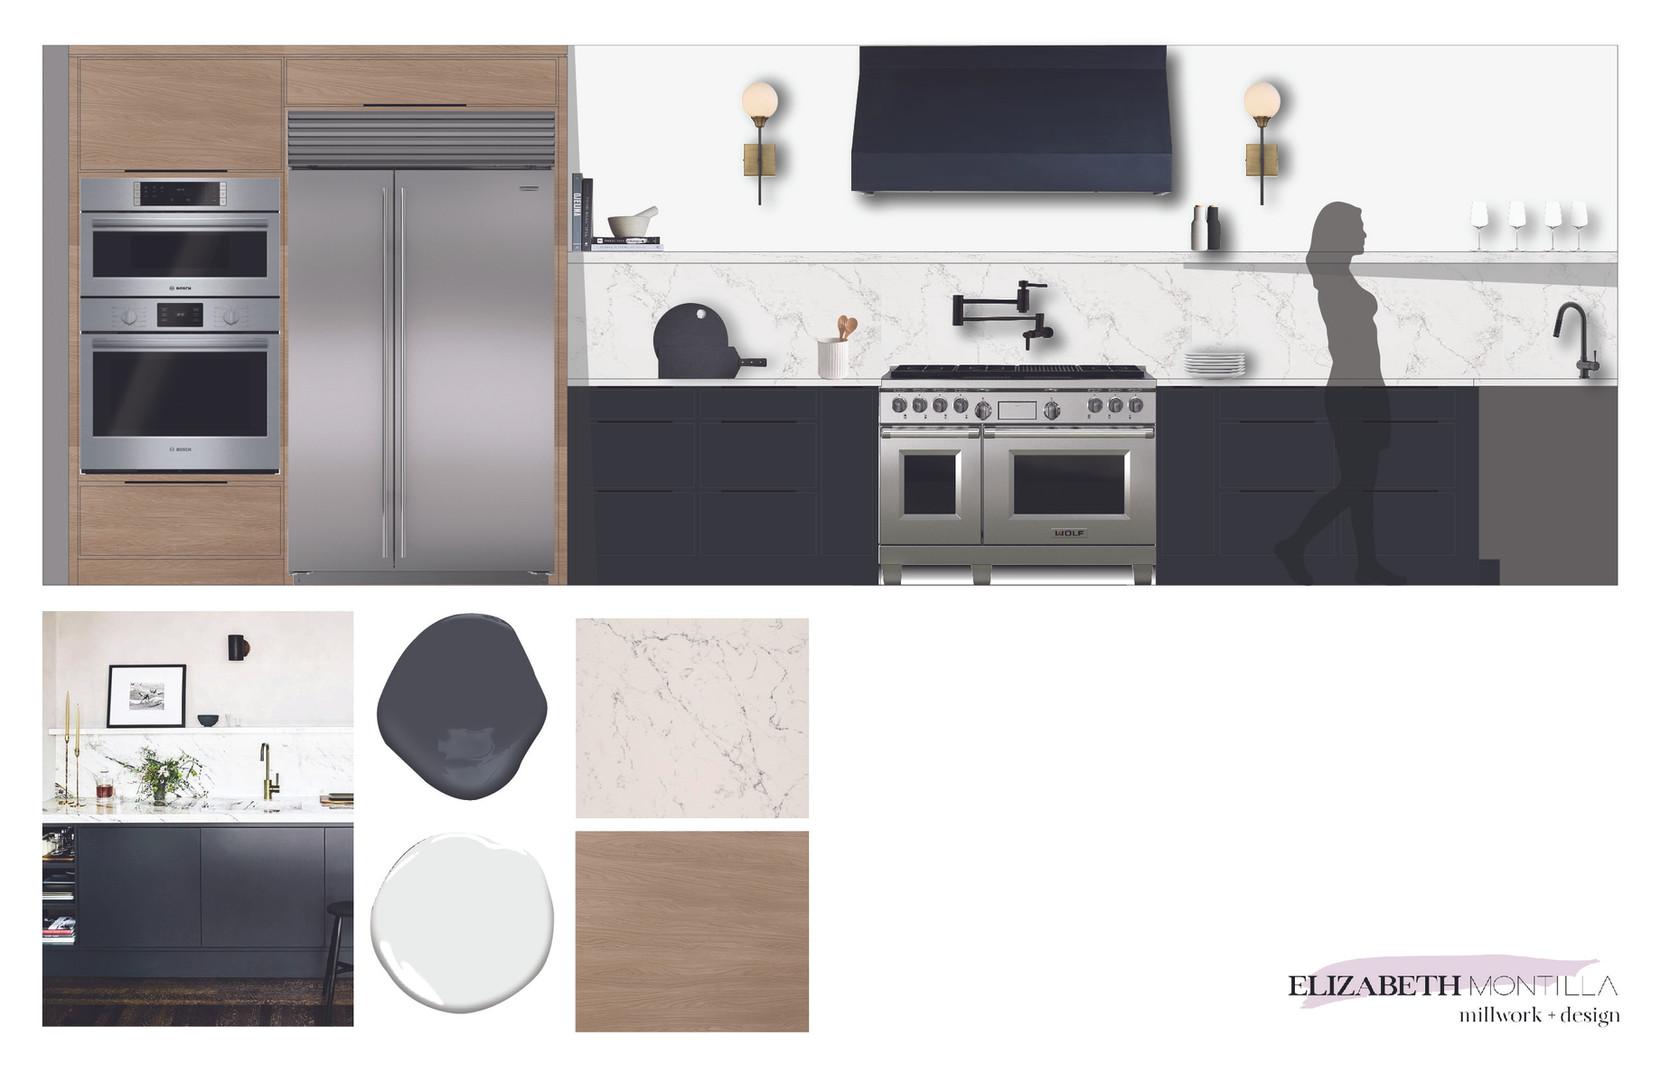 emd_kitchen presentation JAN4.jpg